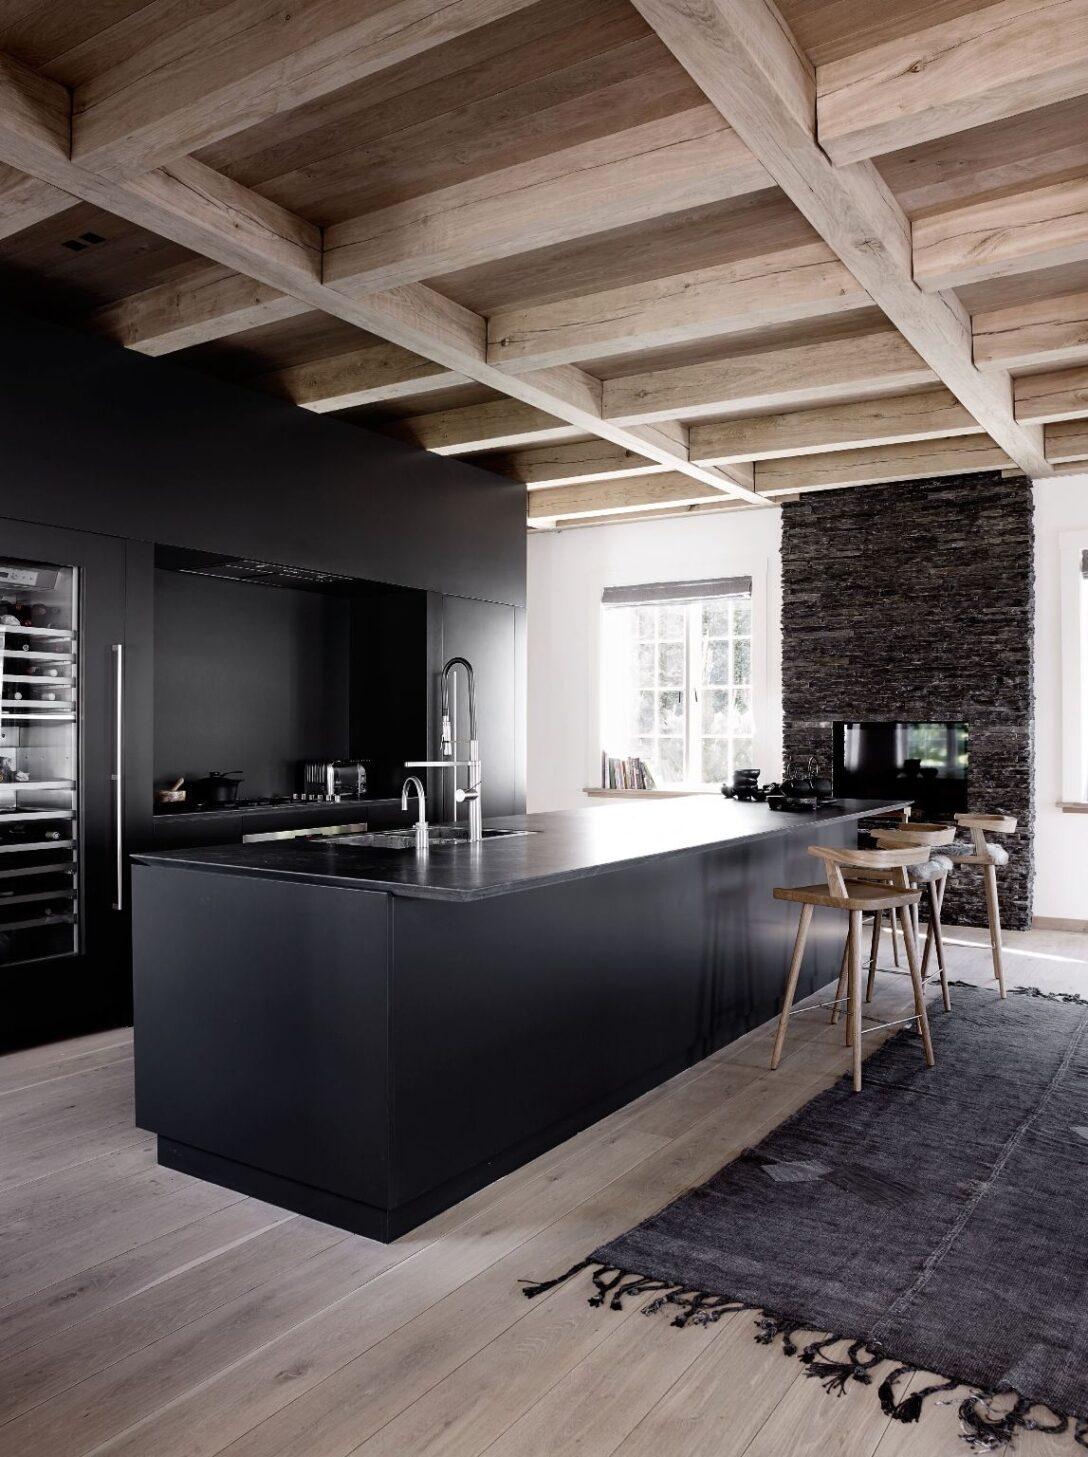 Large Size of Cocoon Küchen Comodern Kitchen Design Inspiration Bycocooncom Interior Regal Wohnzimmer Cocoon Küchen